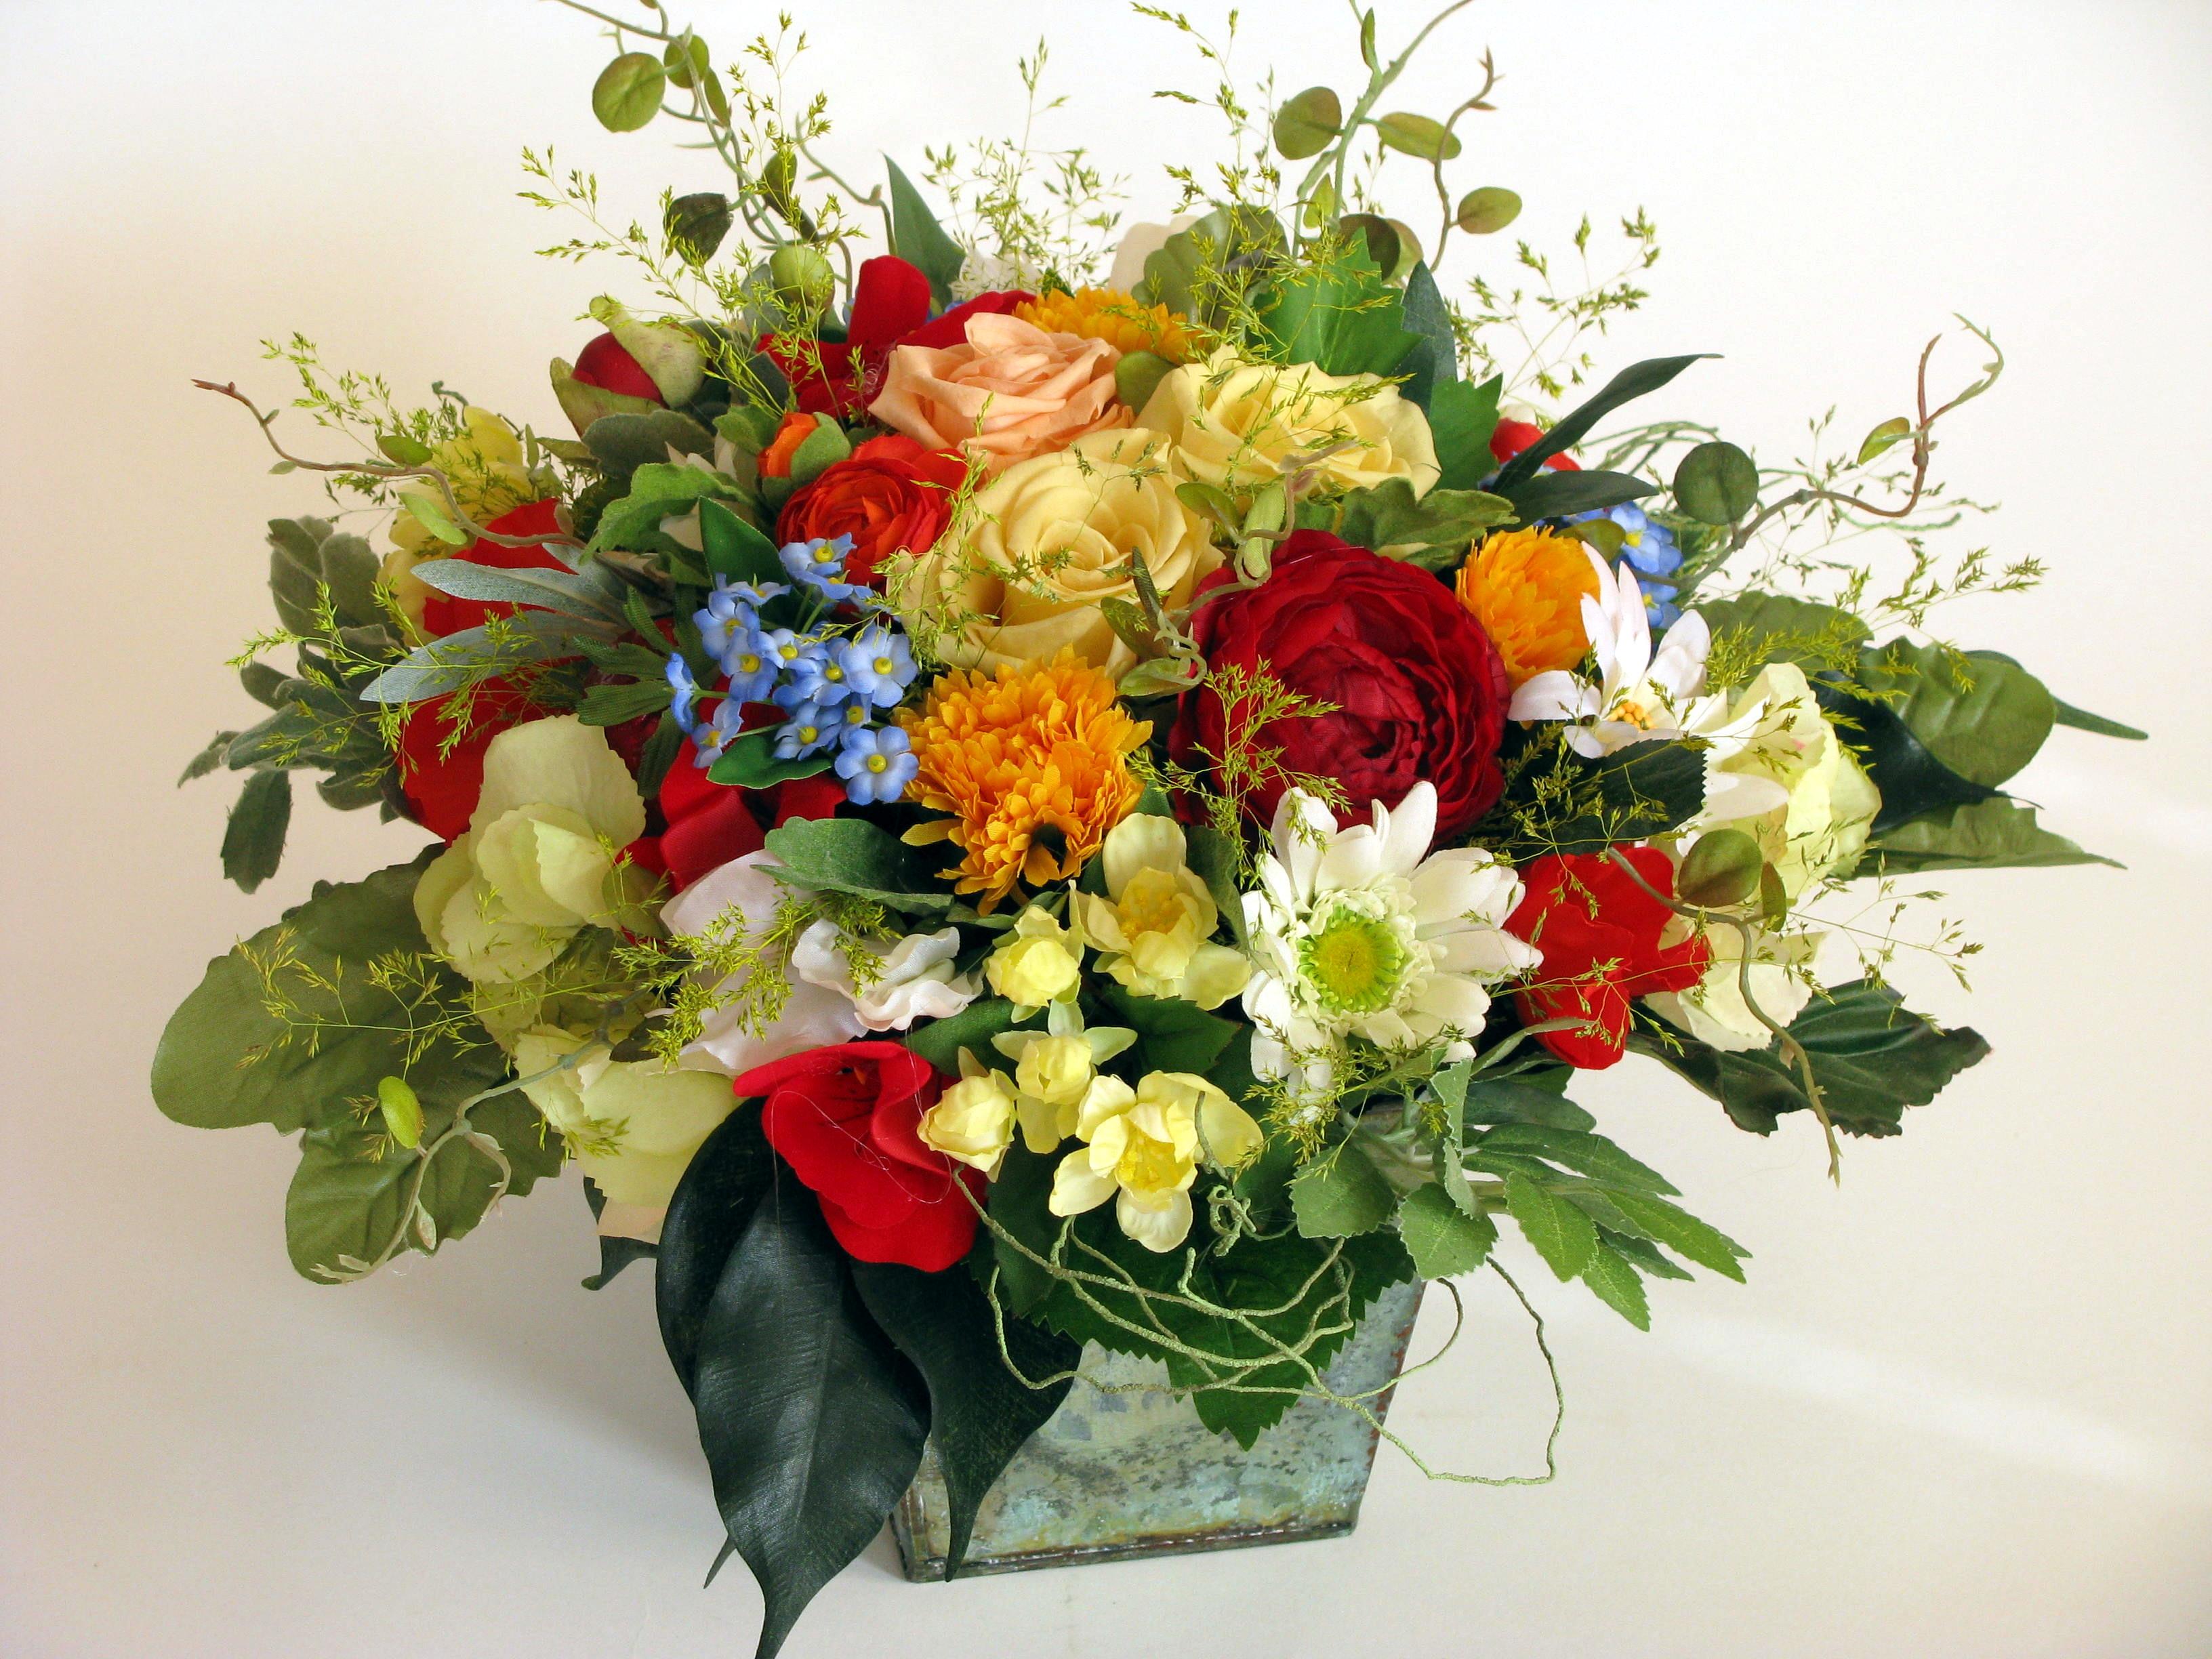 Фото цветочных композиций в бокале